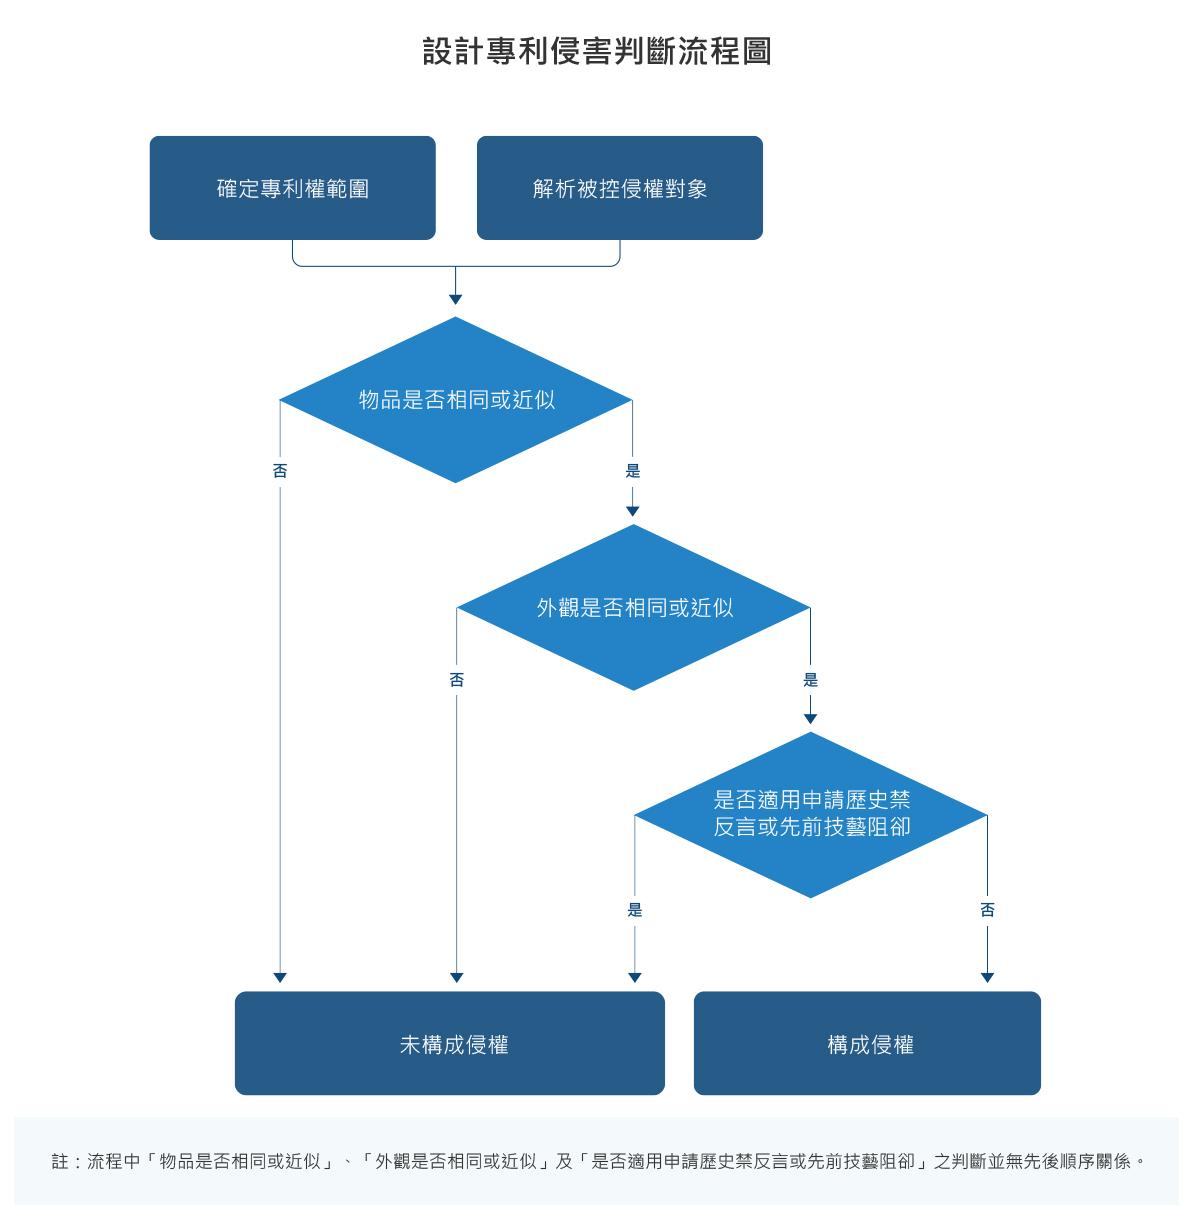 設計專利侵害判斷流程圖